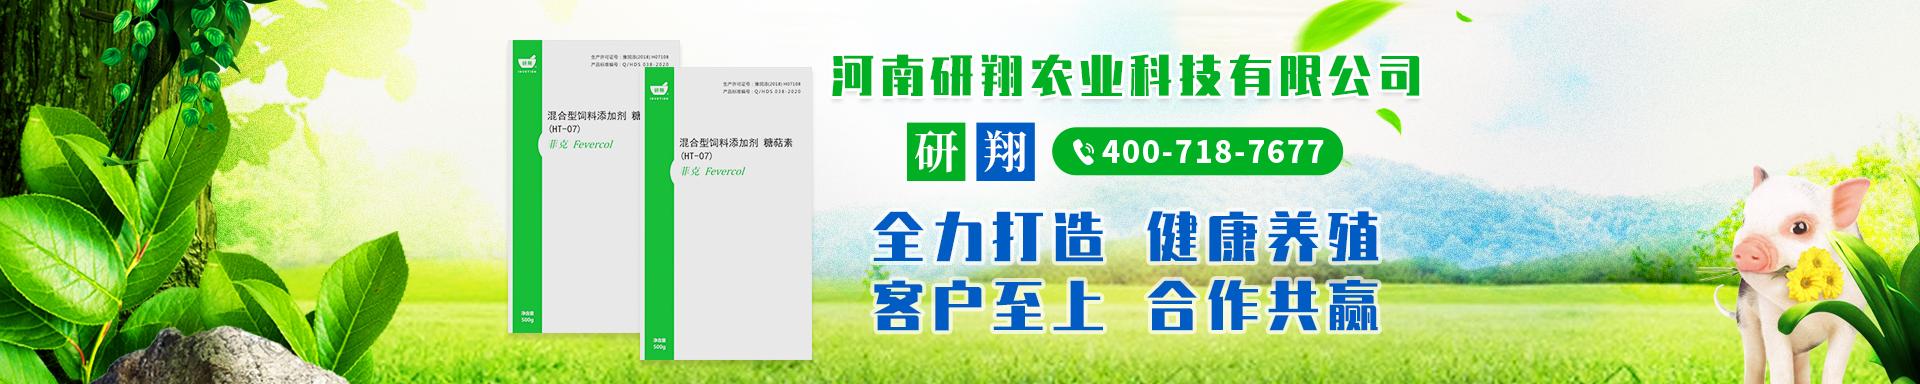 河南研翔�r�I科技有限公司